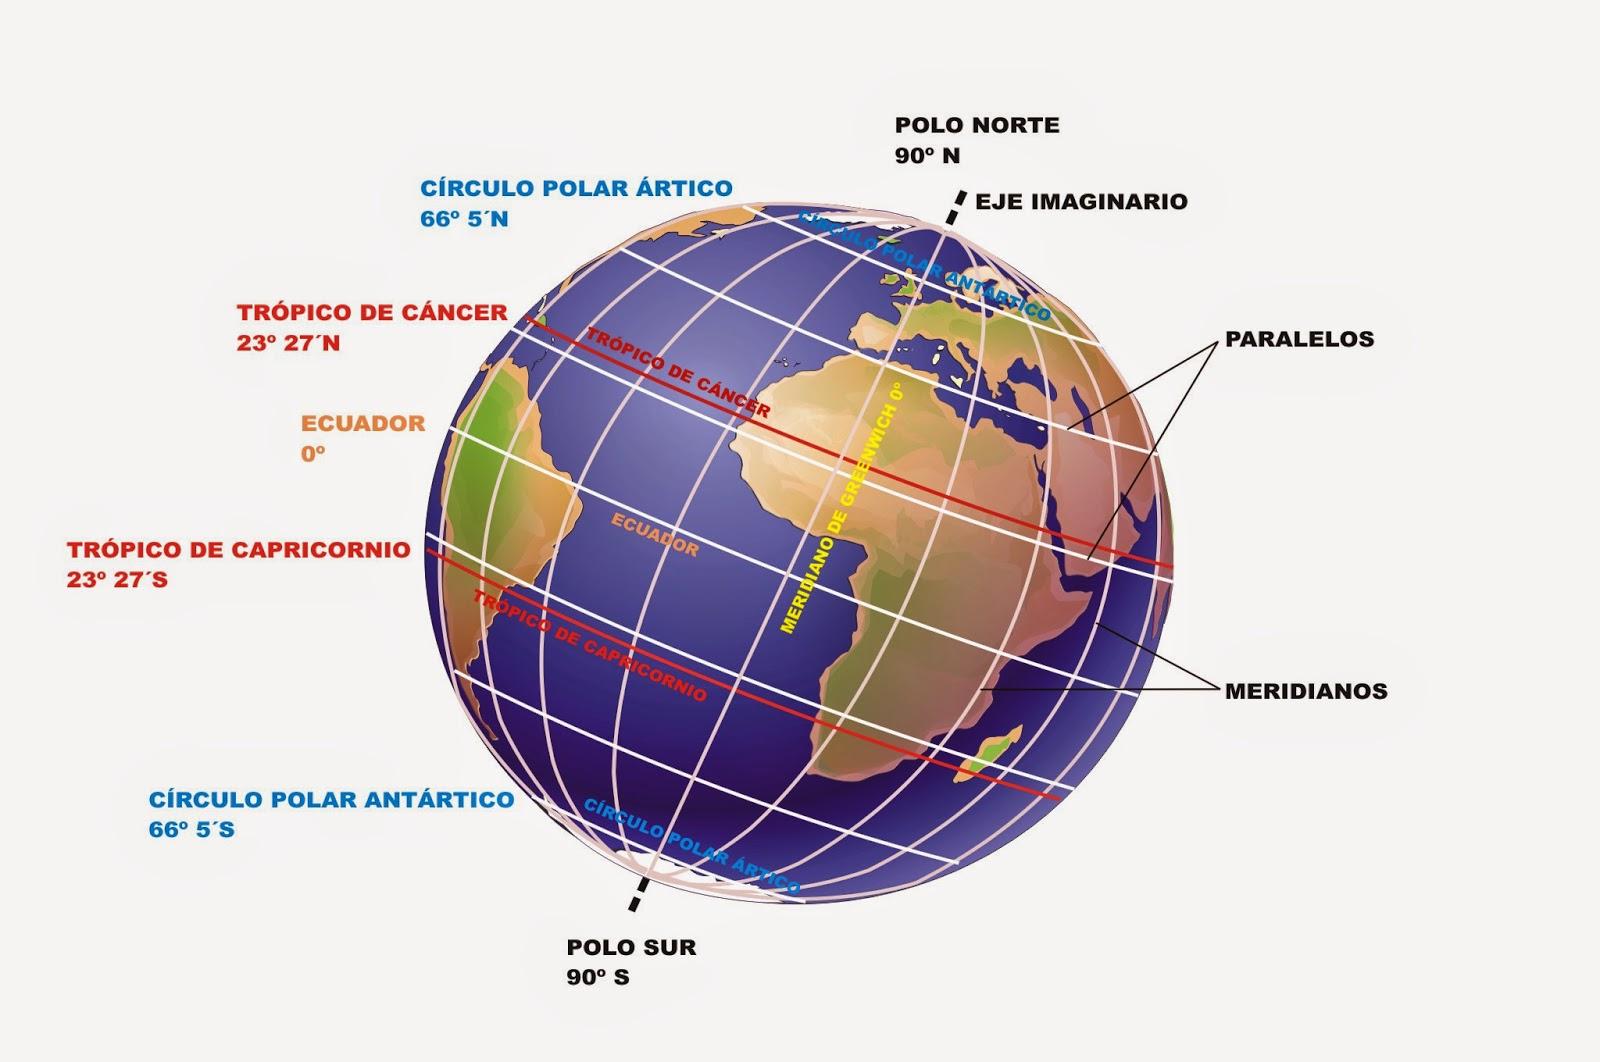 Profesor De Historia Geografía Y Arte La Representación De La Tierra Y Las Coordenadas Geográficas